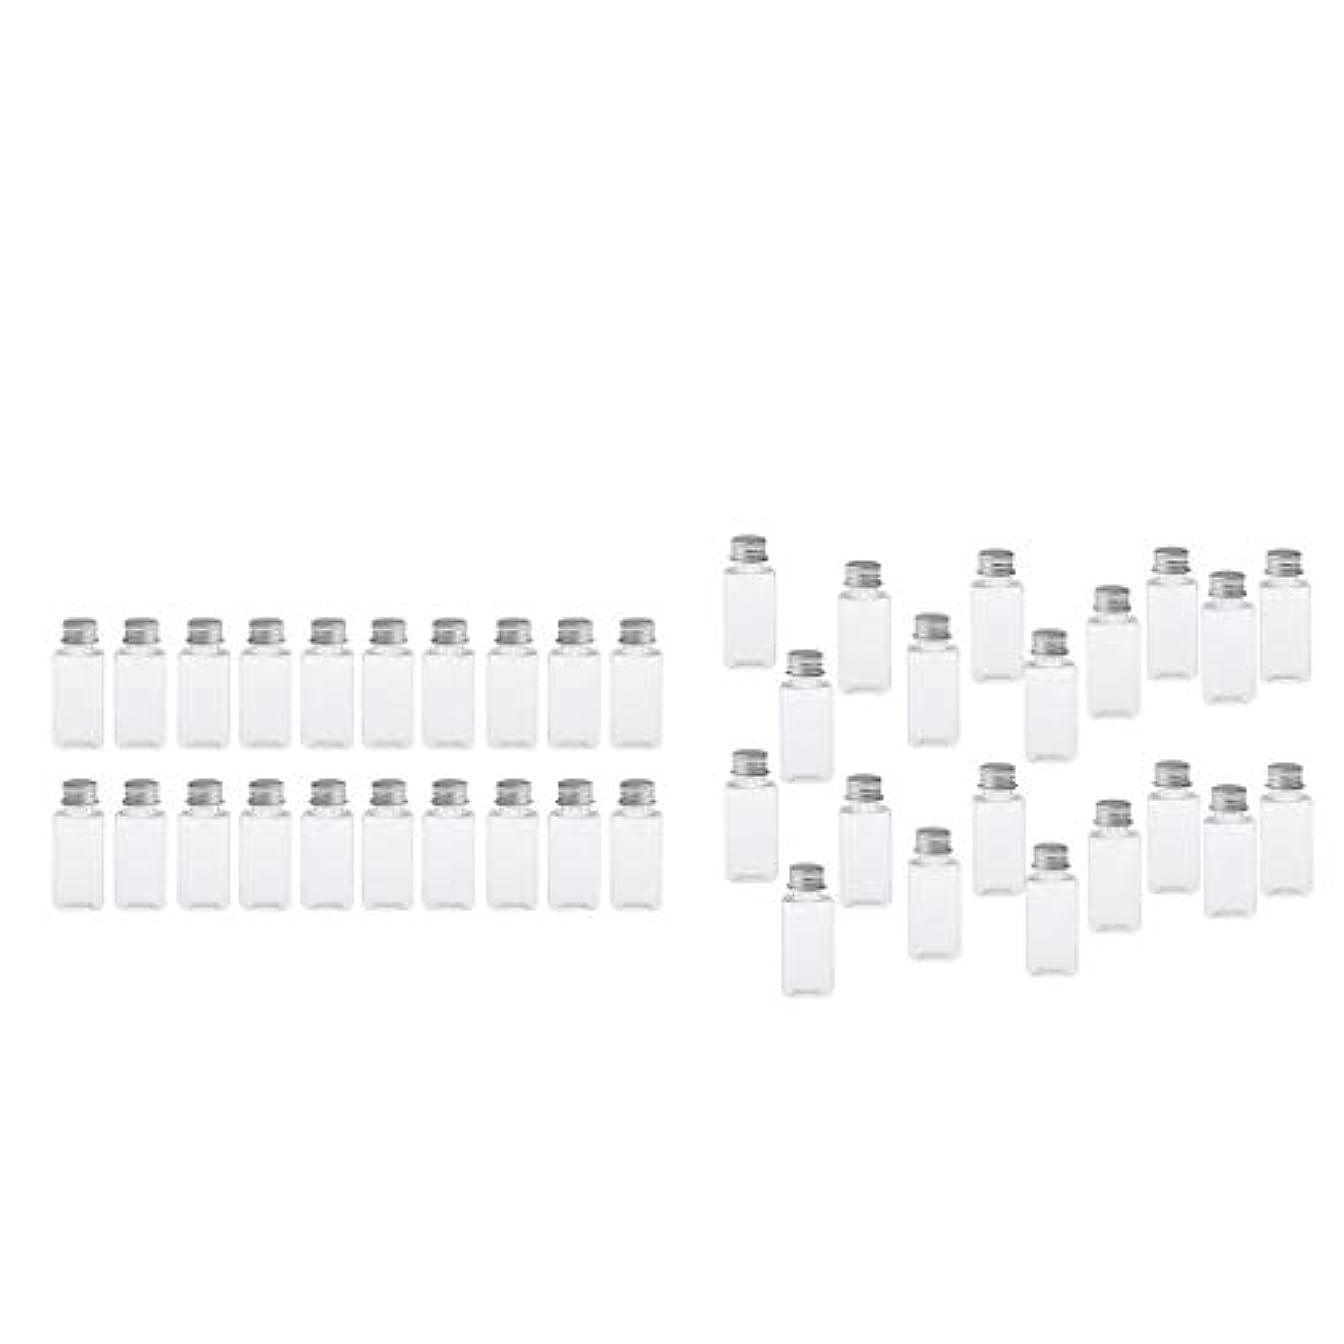 病気記憶に残るチートT TOOYFUL 60個入り 空ボトル メイクアップボトル ローションボトル 化粧ボトル 旅行用品 全4選択 - クリア+銀(約40個)